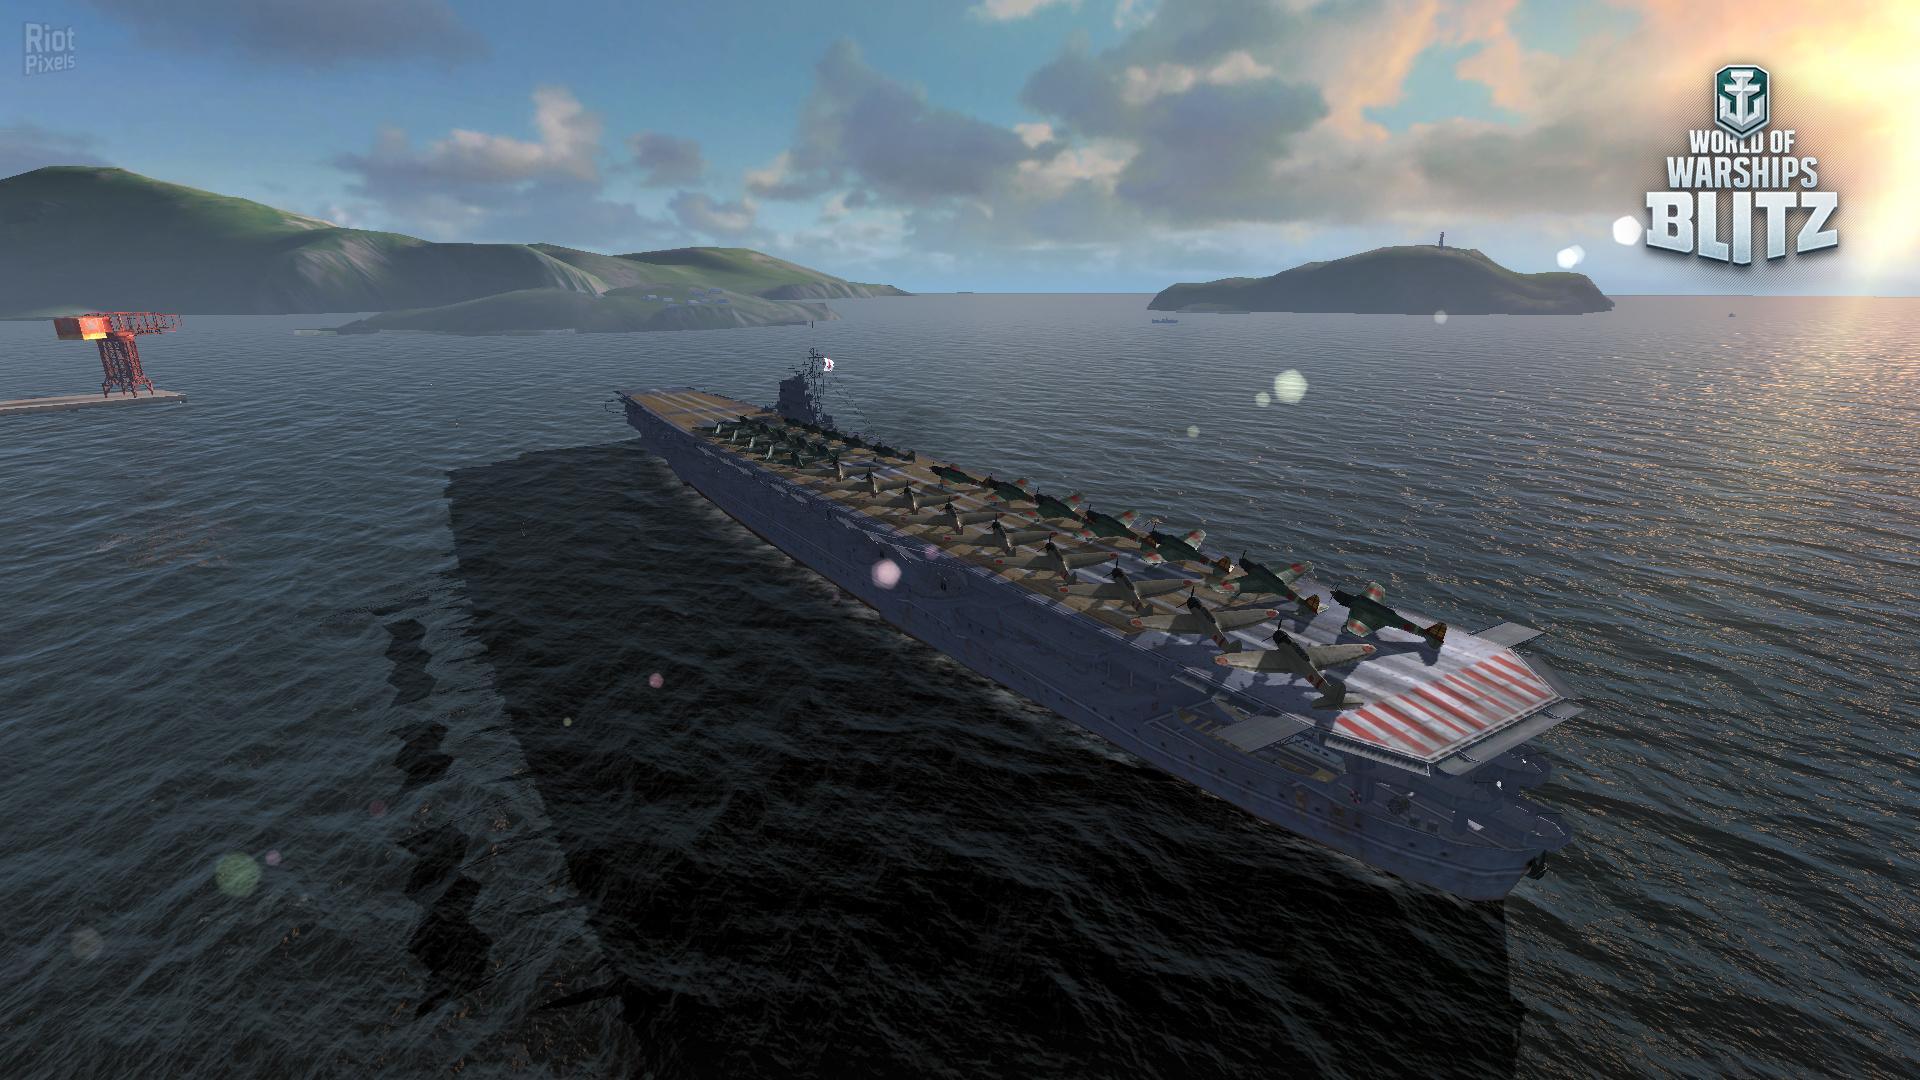 World of Warships Blitz - game screenshots at Riot Pixels